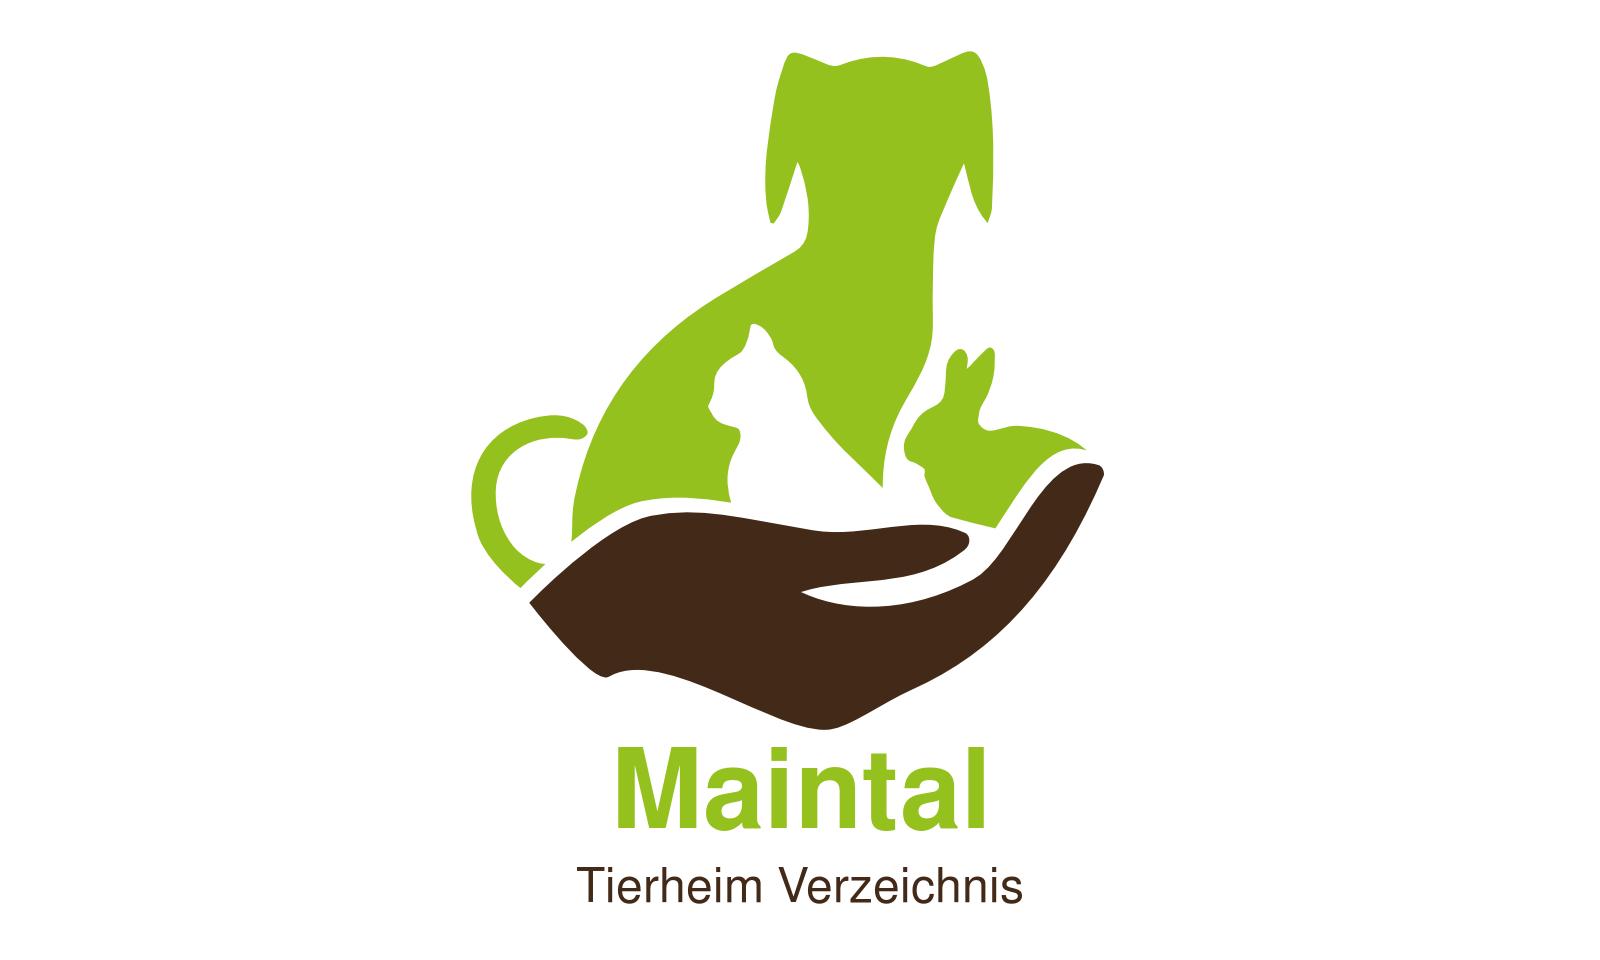 Tierheim Maintal